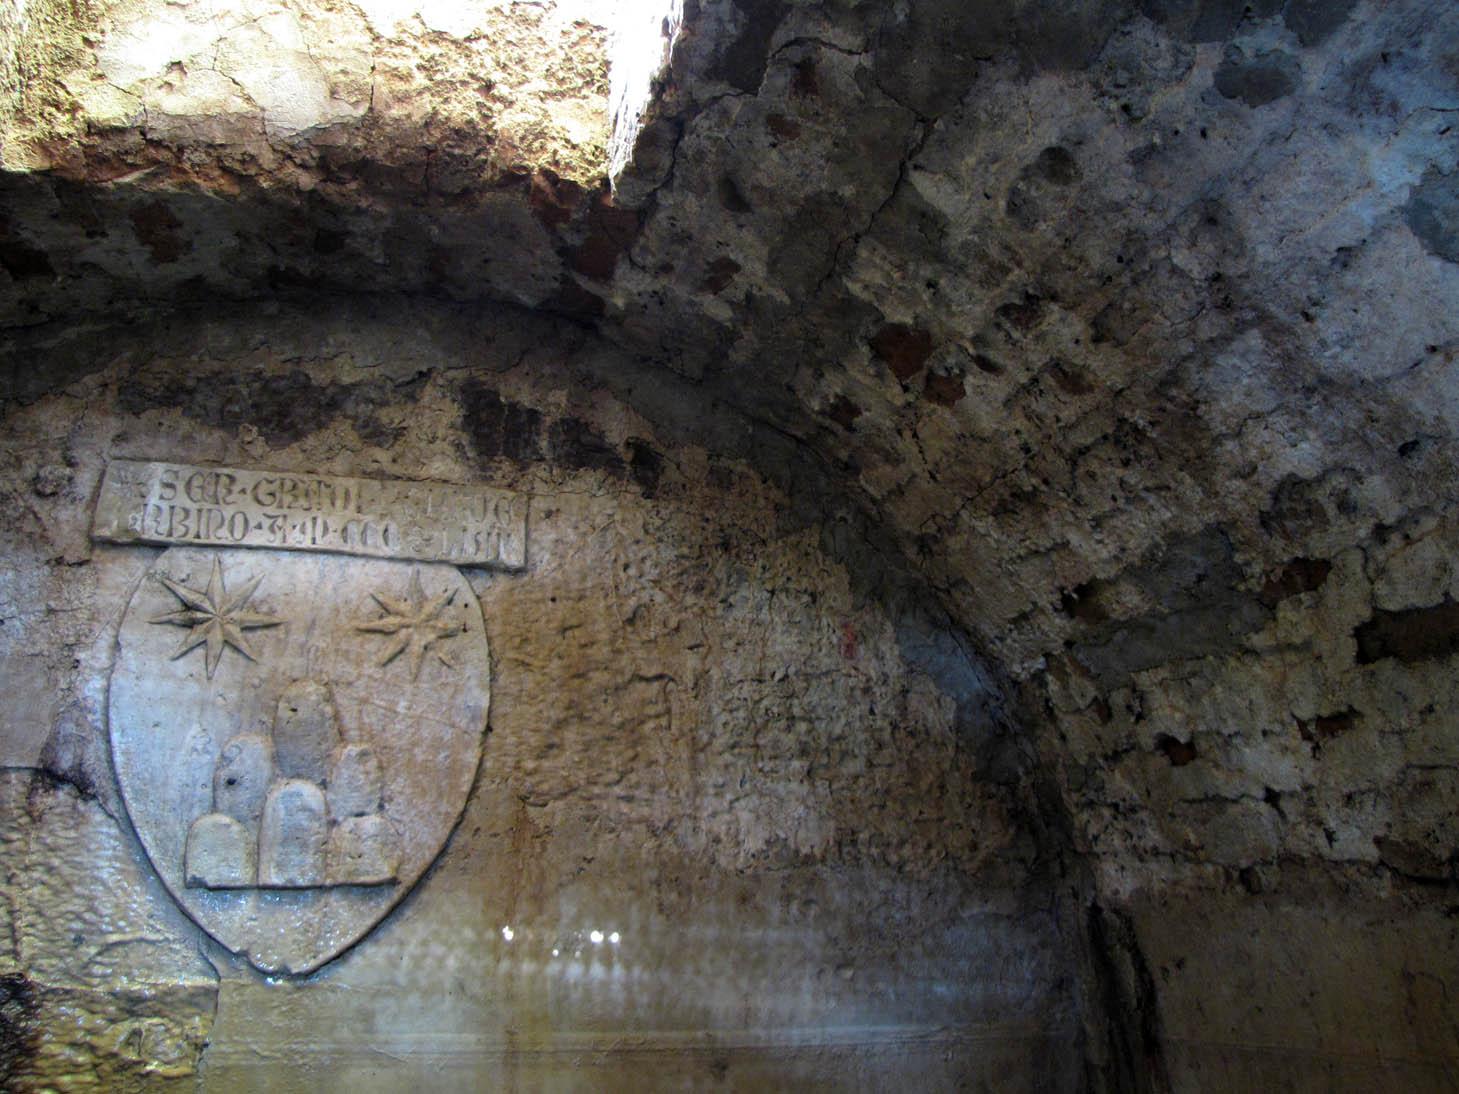 fonte di pontecuti - todi sotterranea - stemma